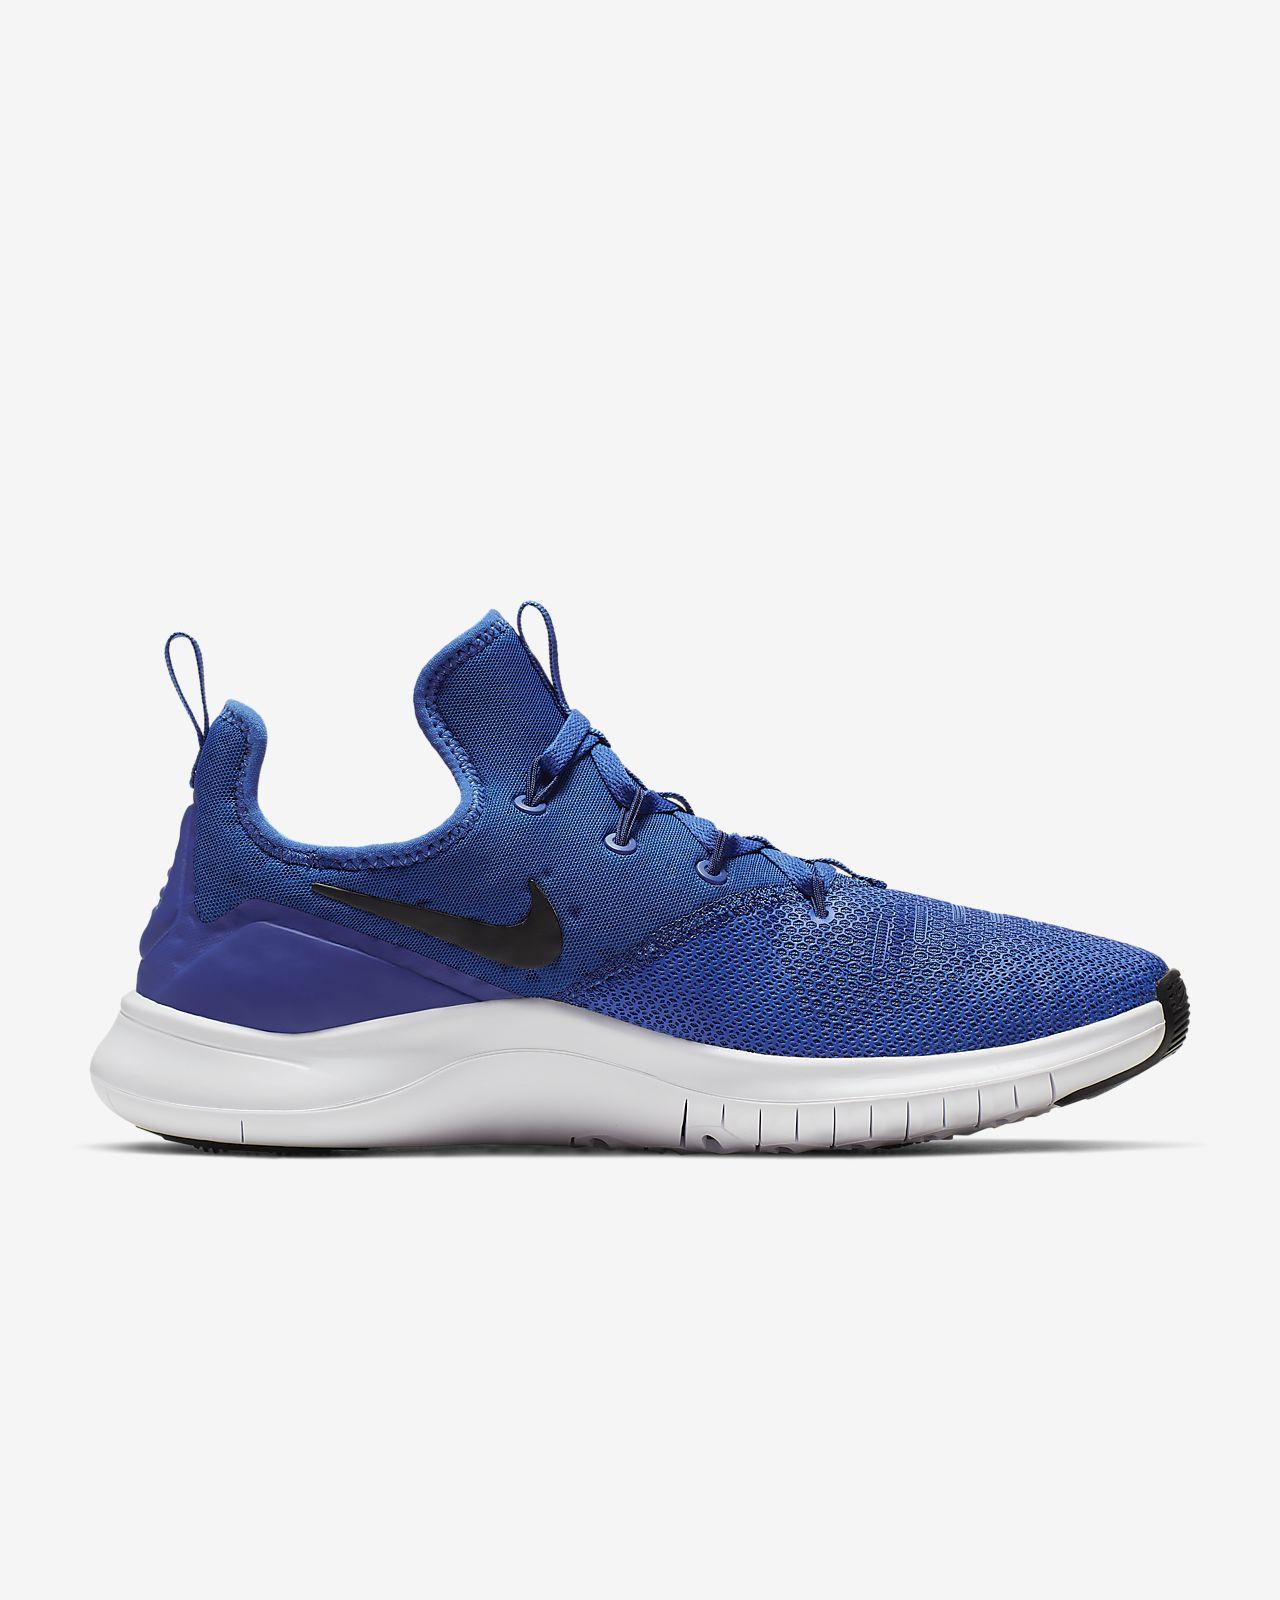 e7cbe0845e127 Nike Free TR 8 Men s Training Shoe. Nike.com